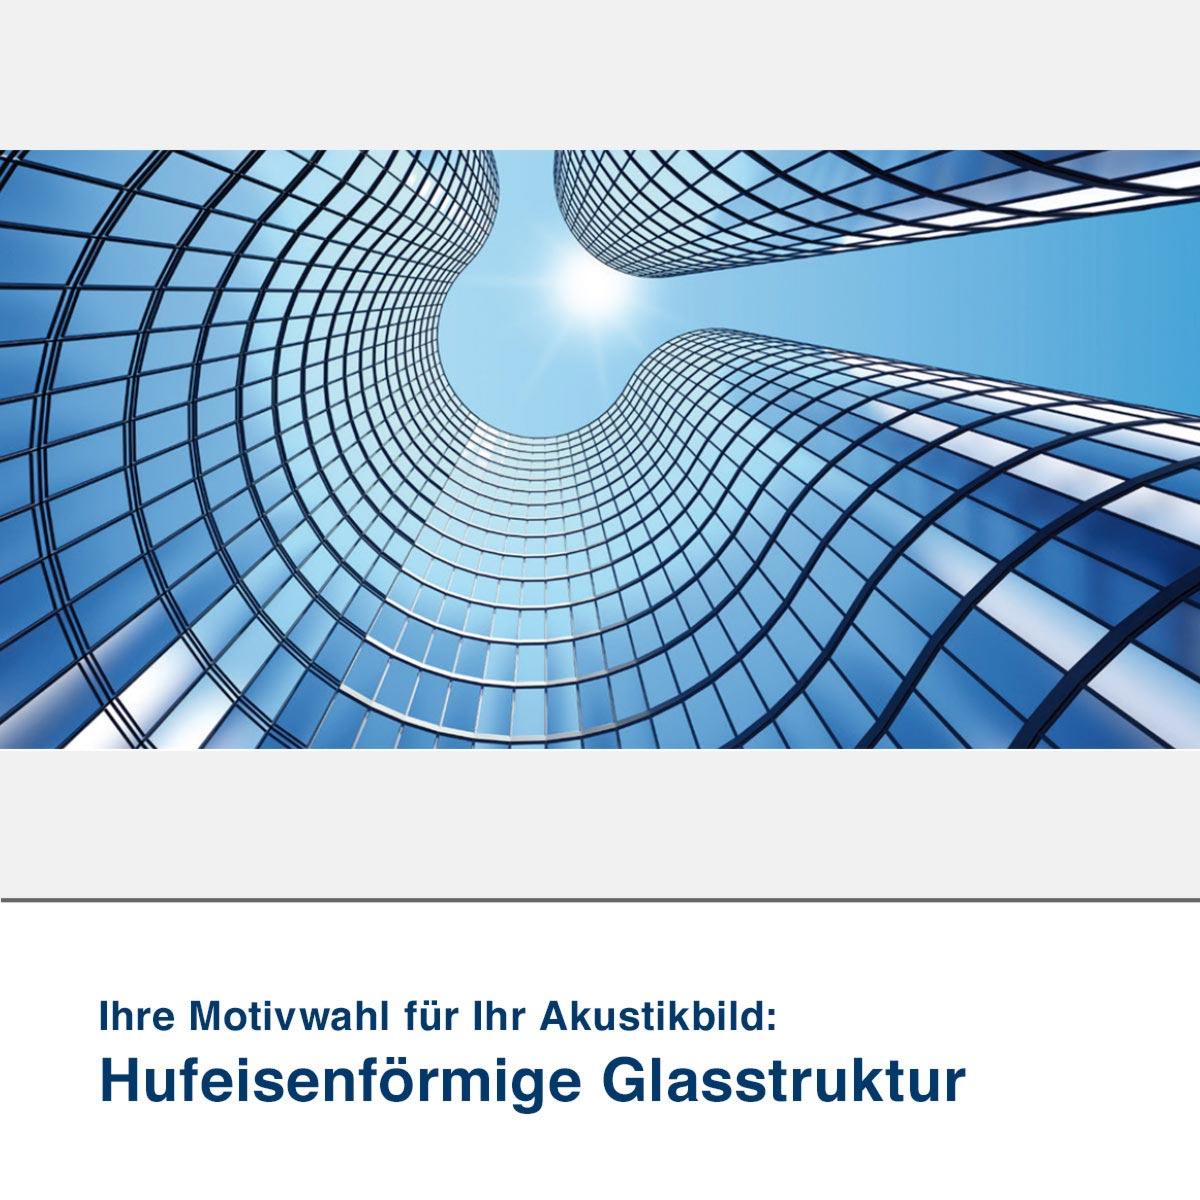 Akustikbild Motiv Hufeisenförmige Glasstruktur